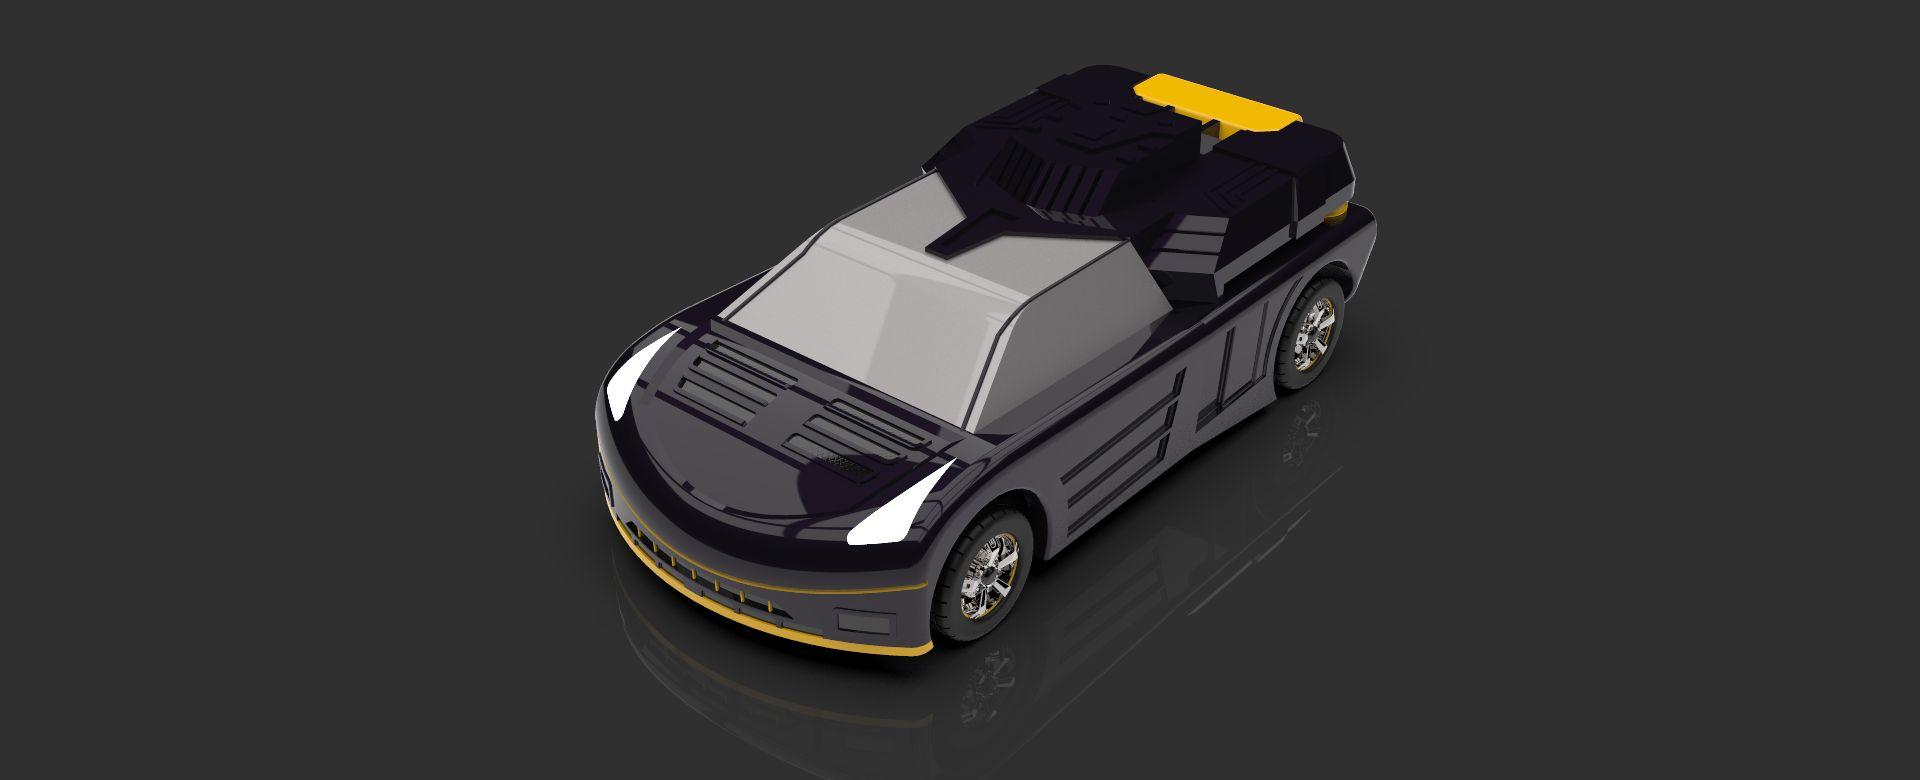 Car-bot-1-37-3500-3500